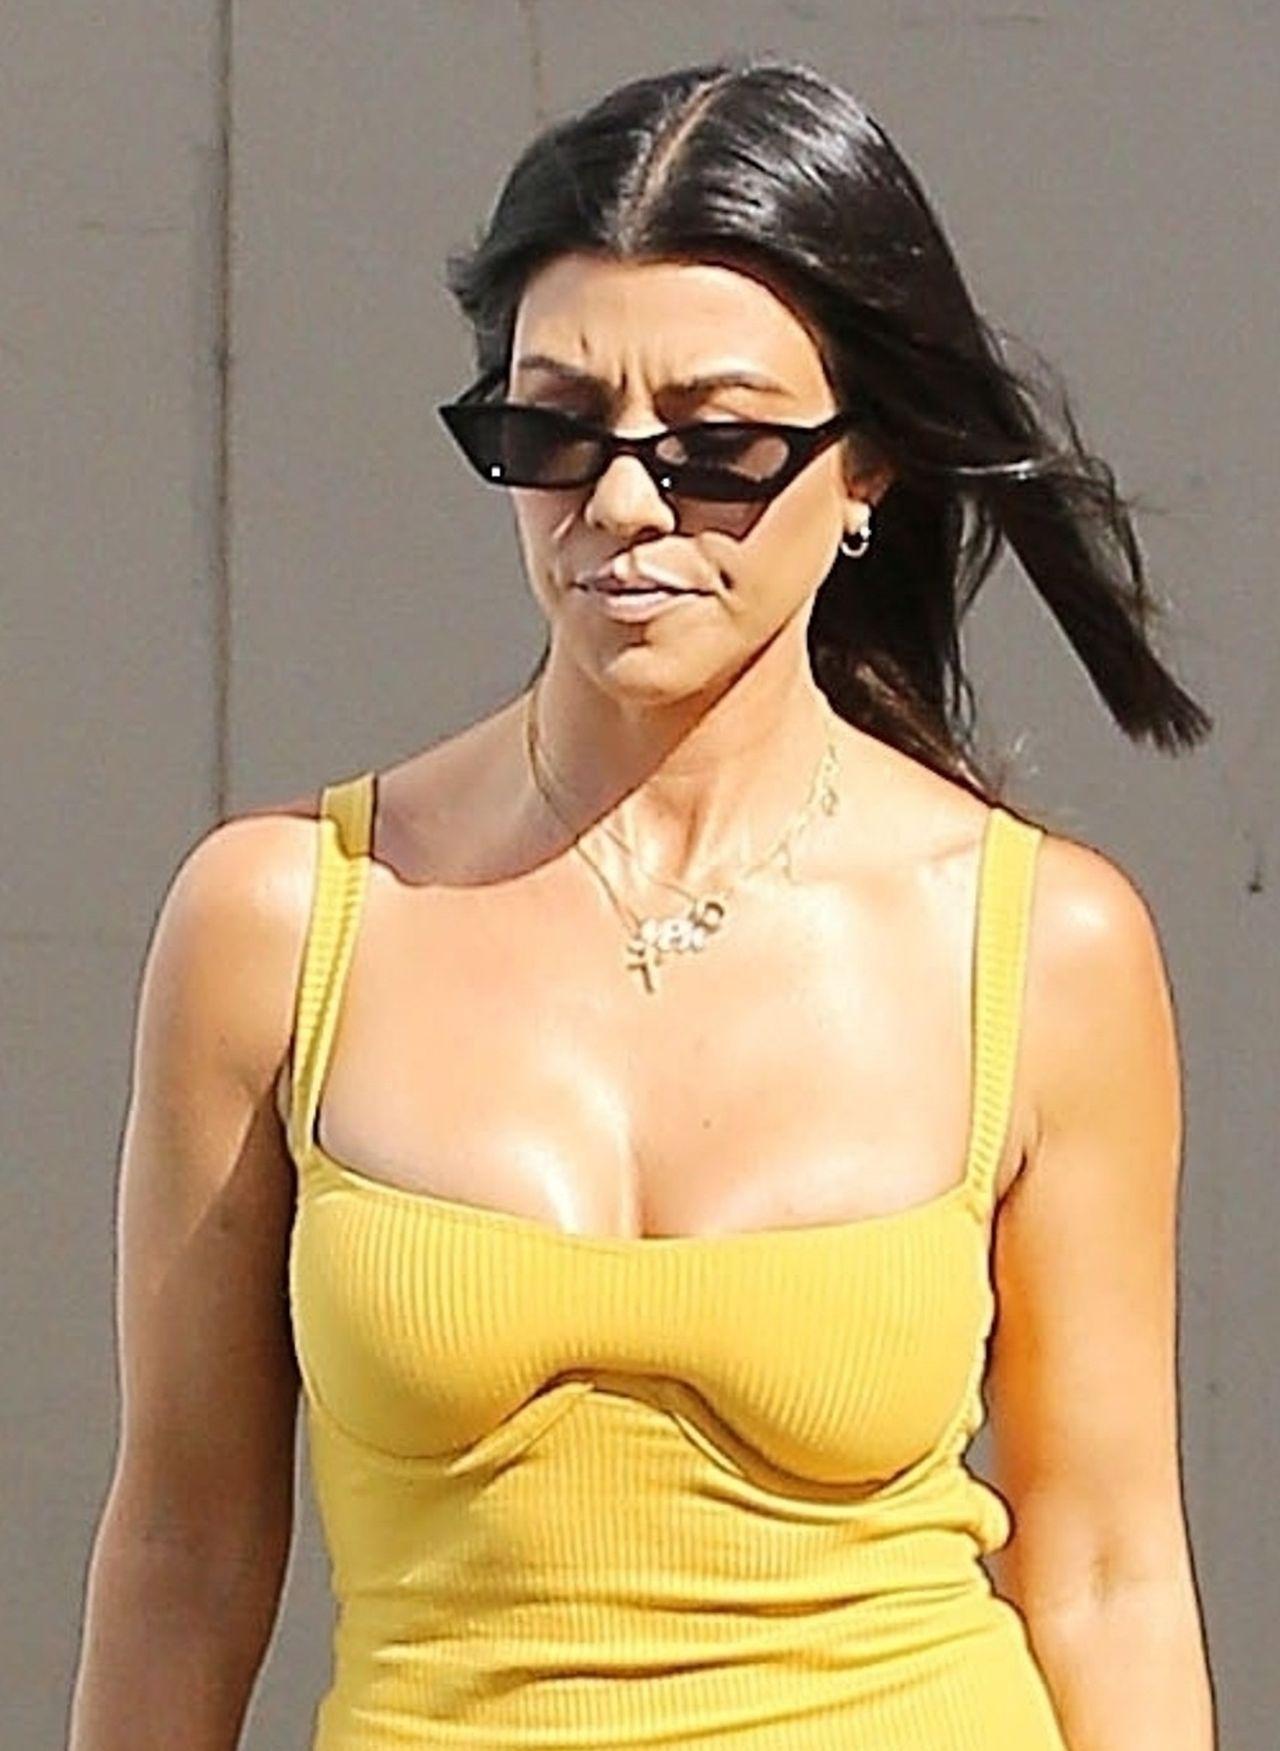 Kim Kardashian pokazała zdjęcie z Kourtney, gdy były w liceum